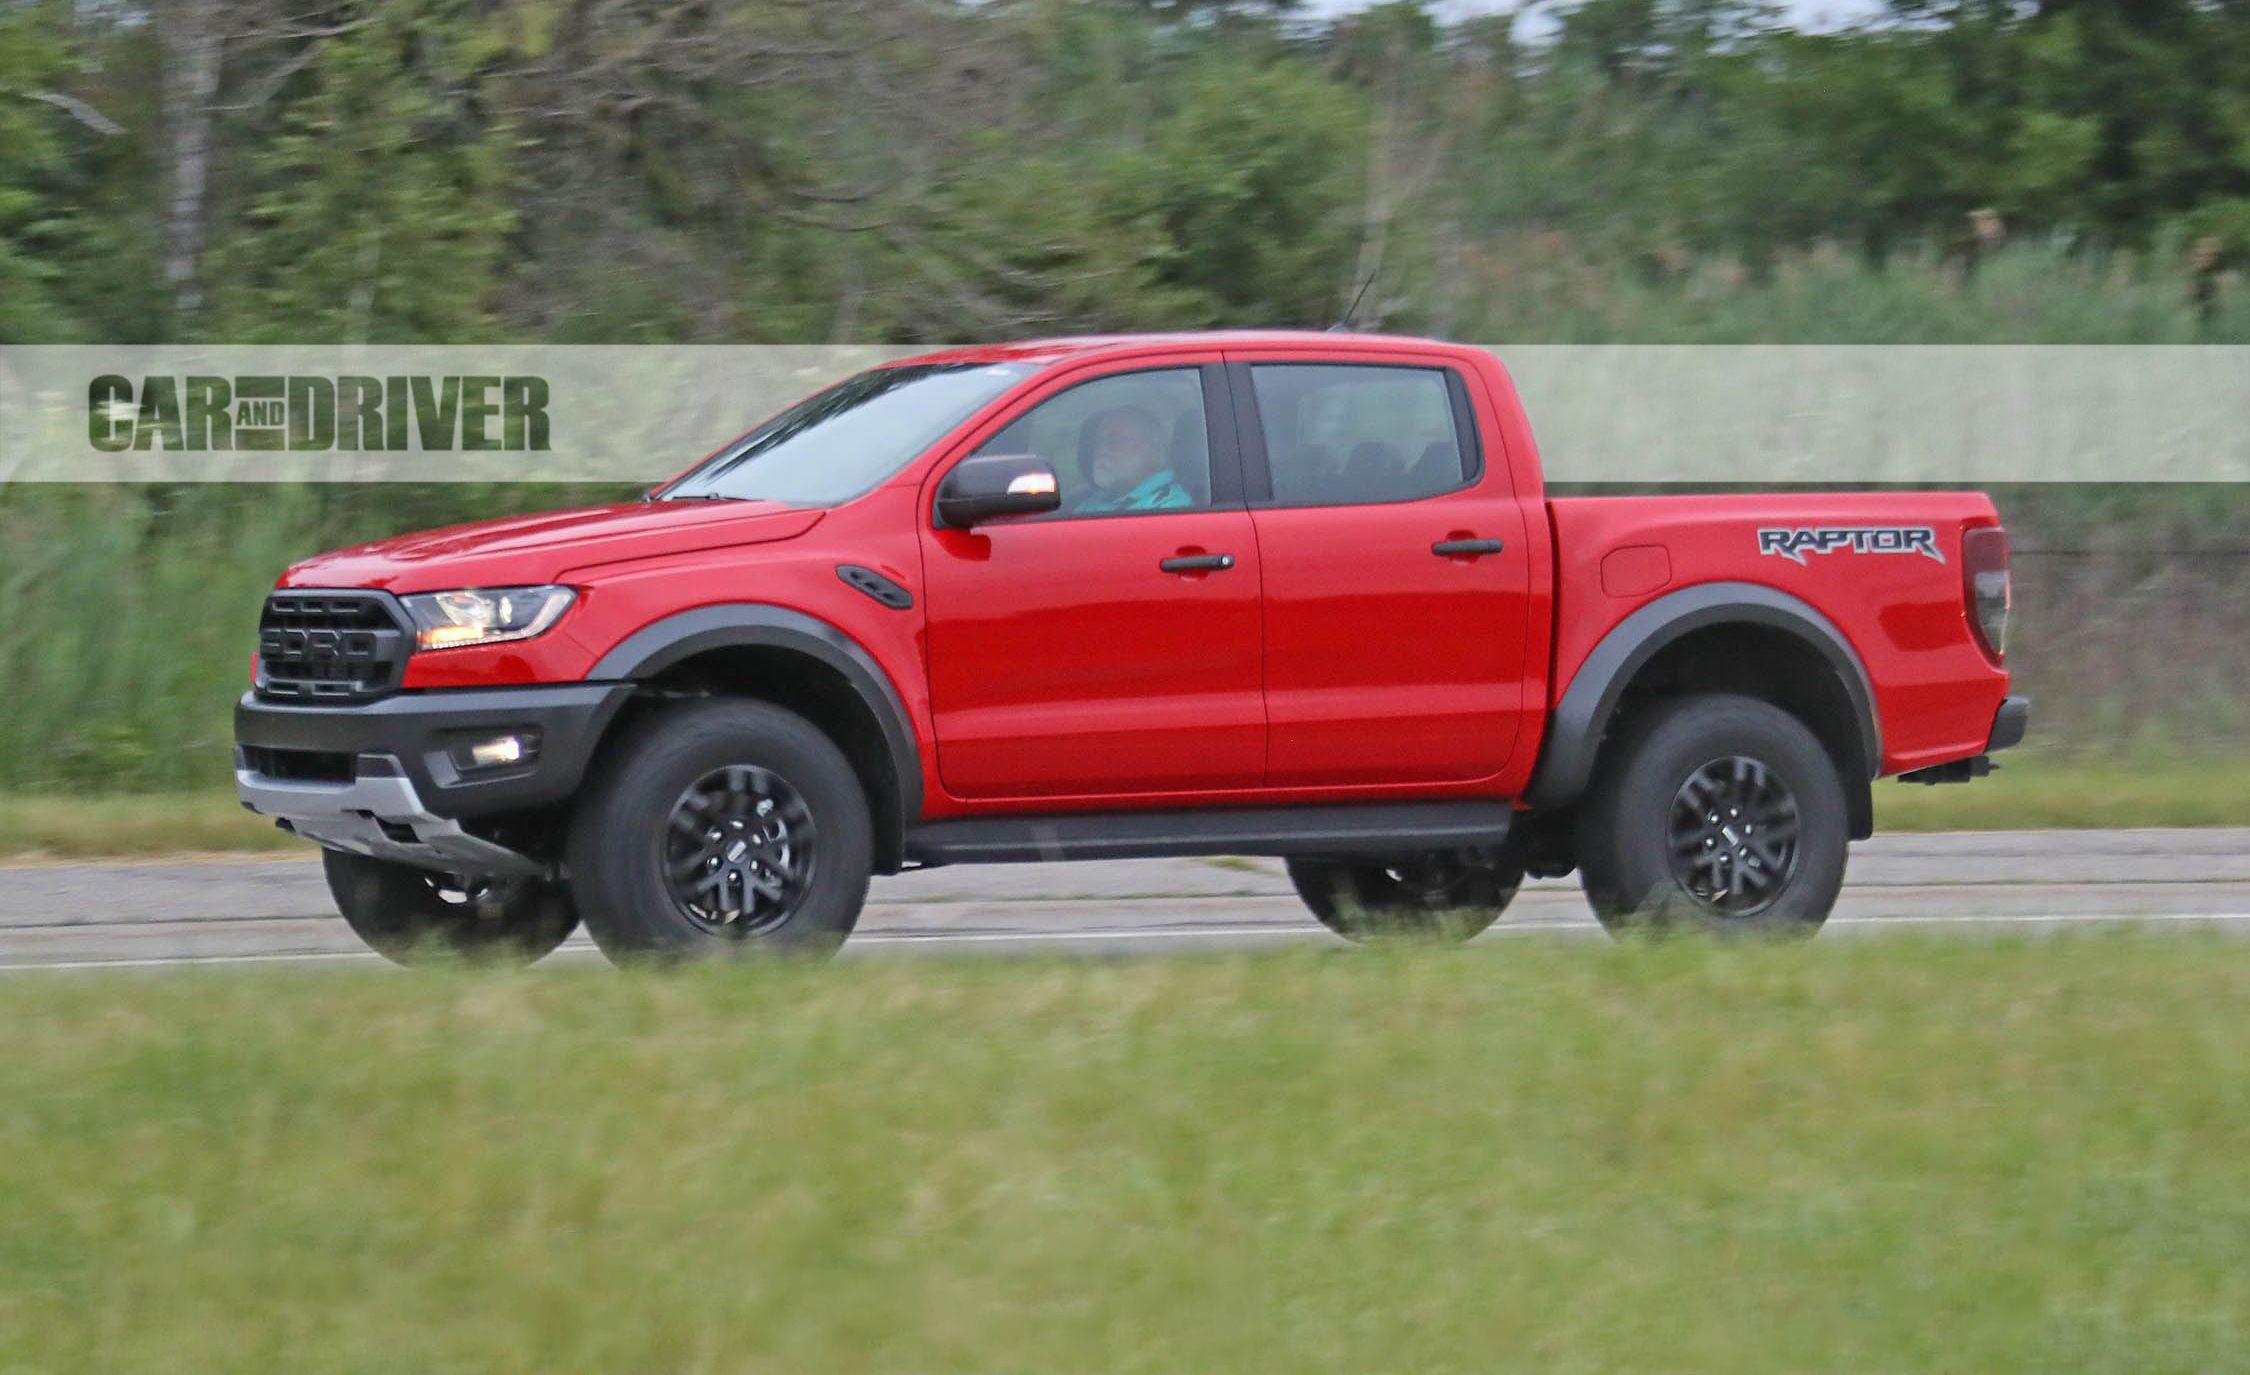 2021 ford ranger raptor spied news car and driver. Black Bedroom Furniture Sets. Home Design Ideas